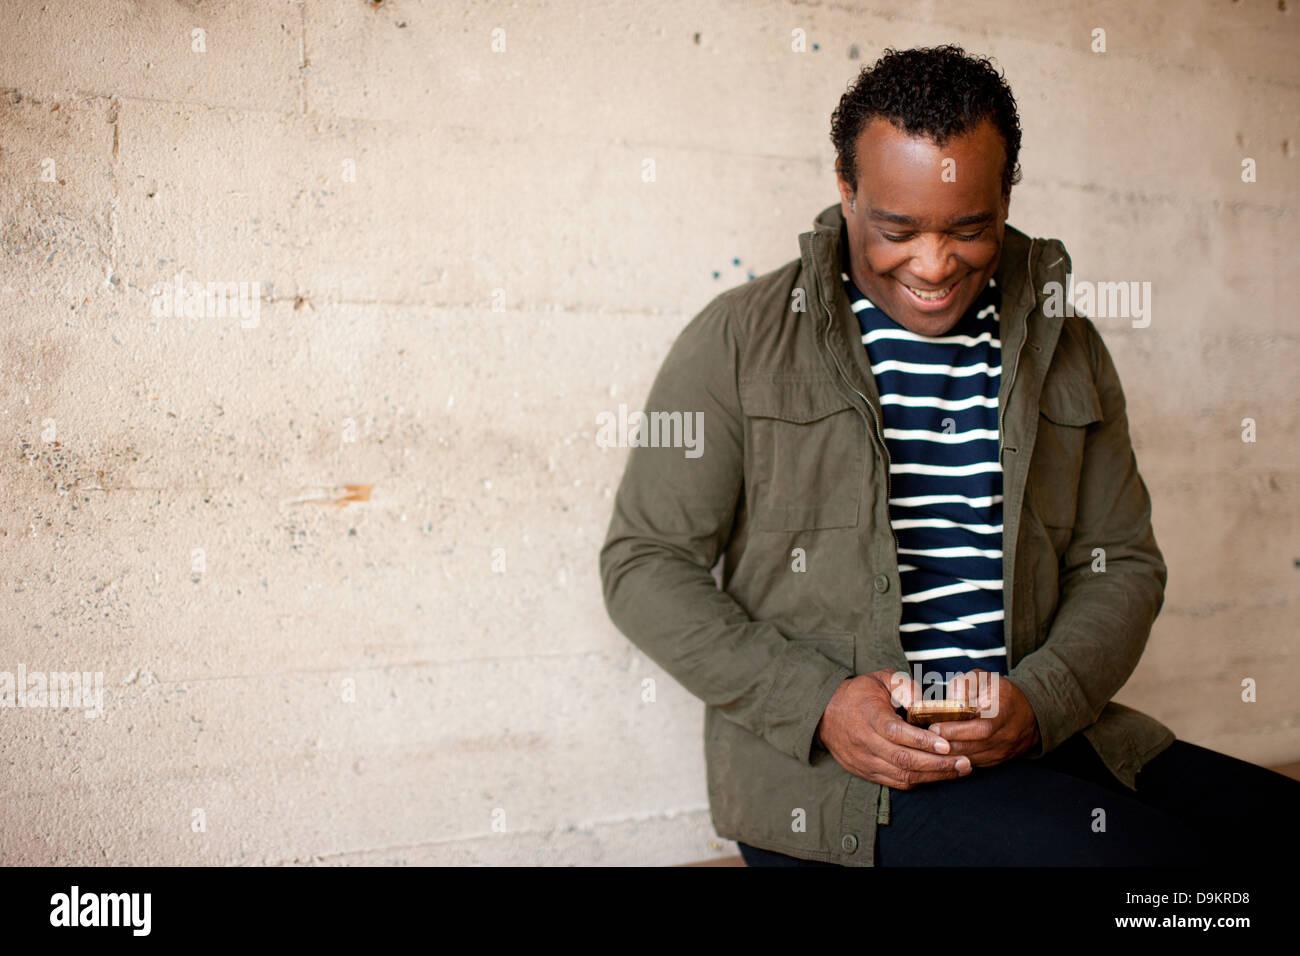 Mann posiert mit charismatischen Lächeln und Aussehen des Glücks Stockfoto